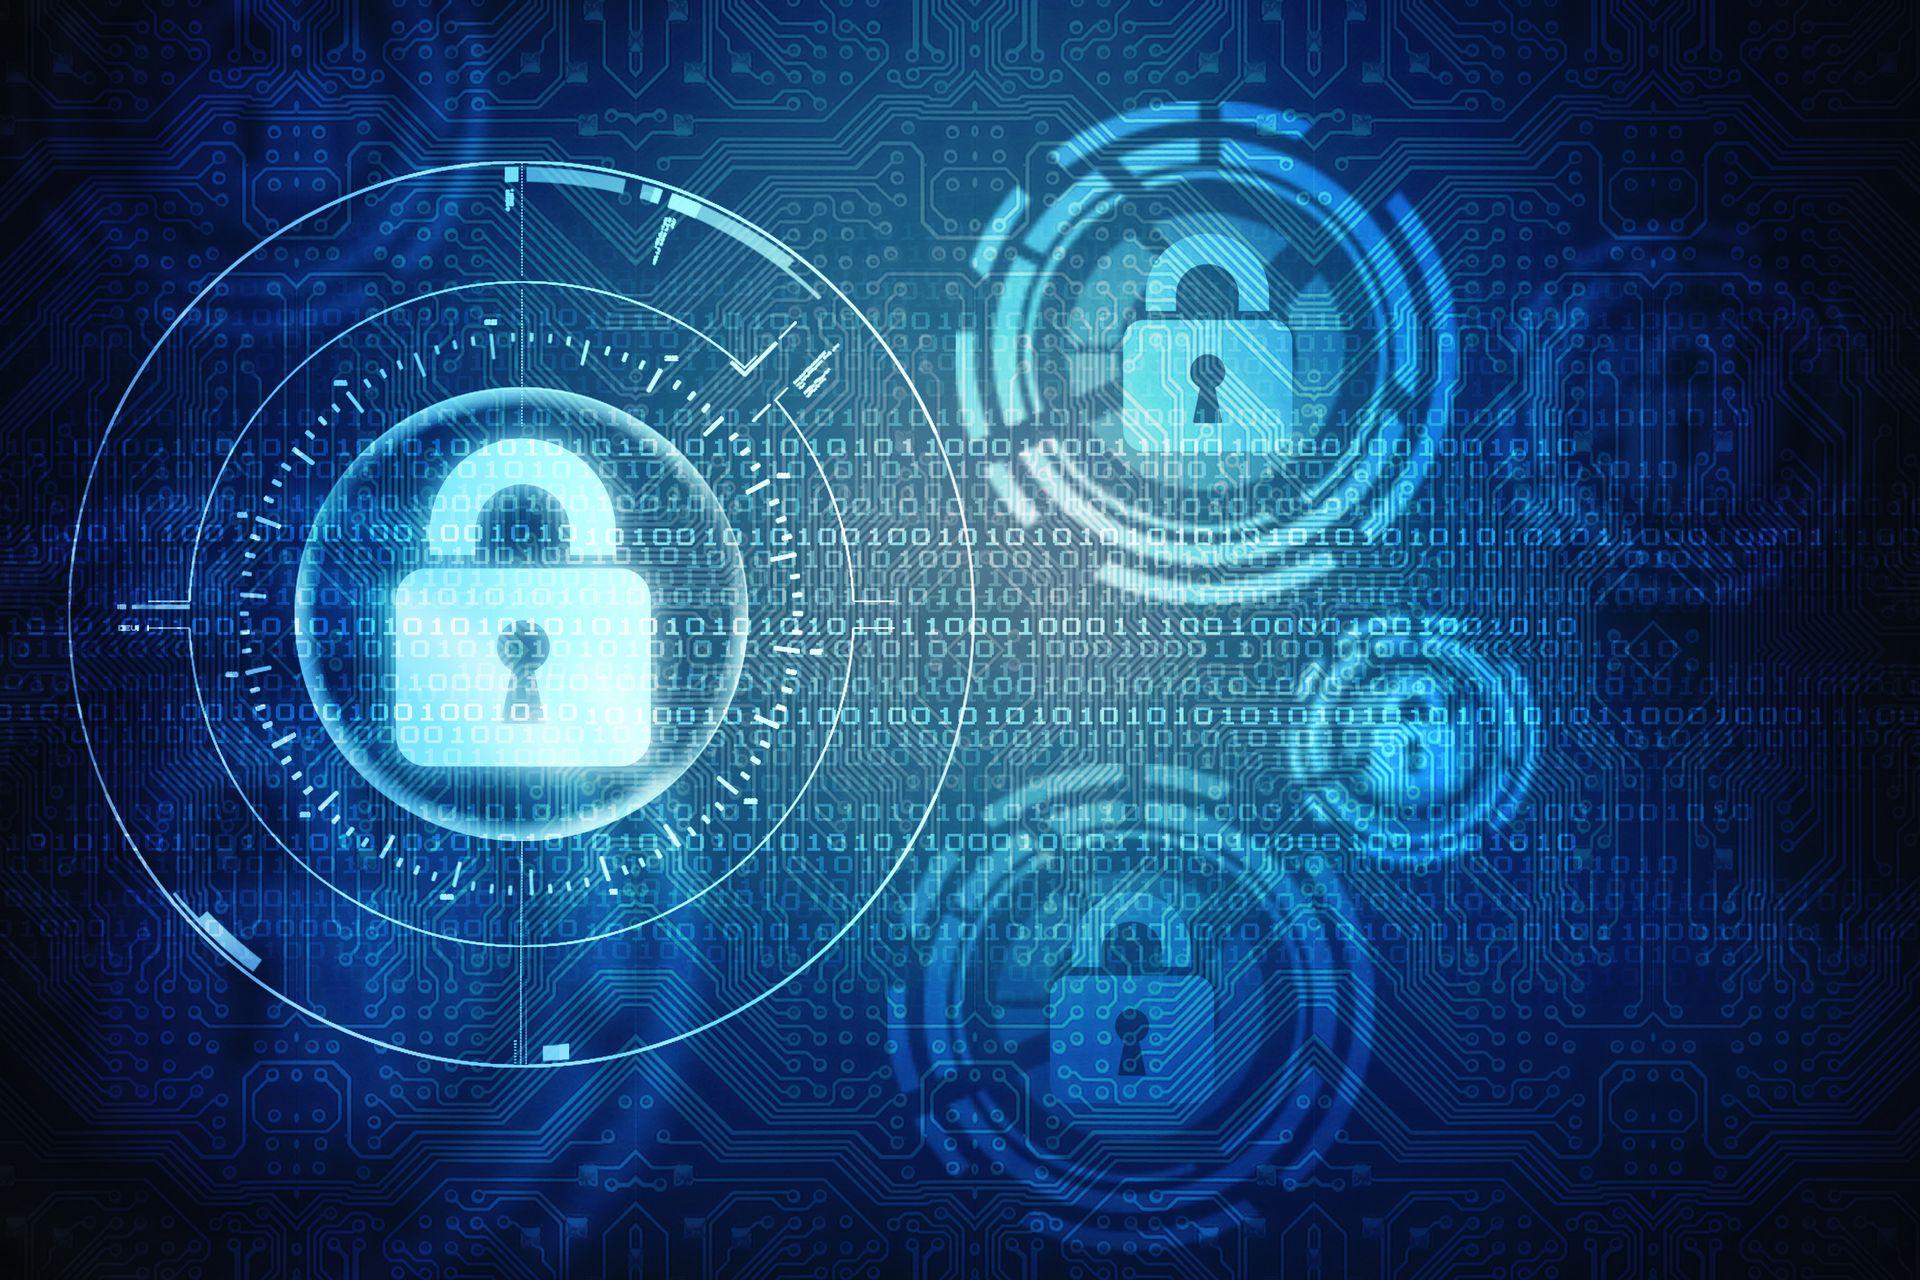 Anti-Tamper IP - Atessa, Inc